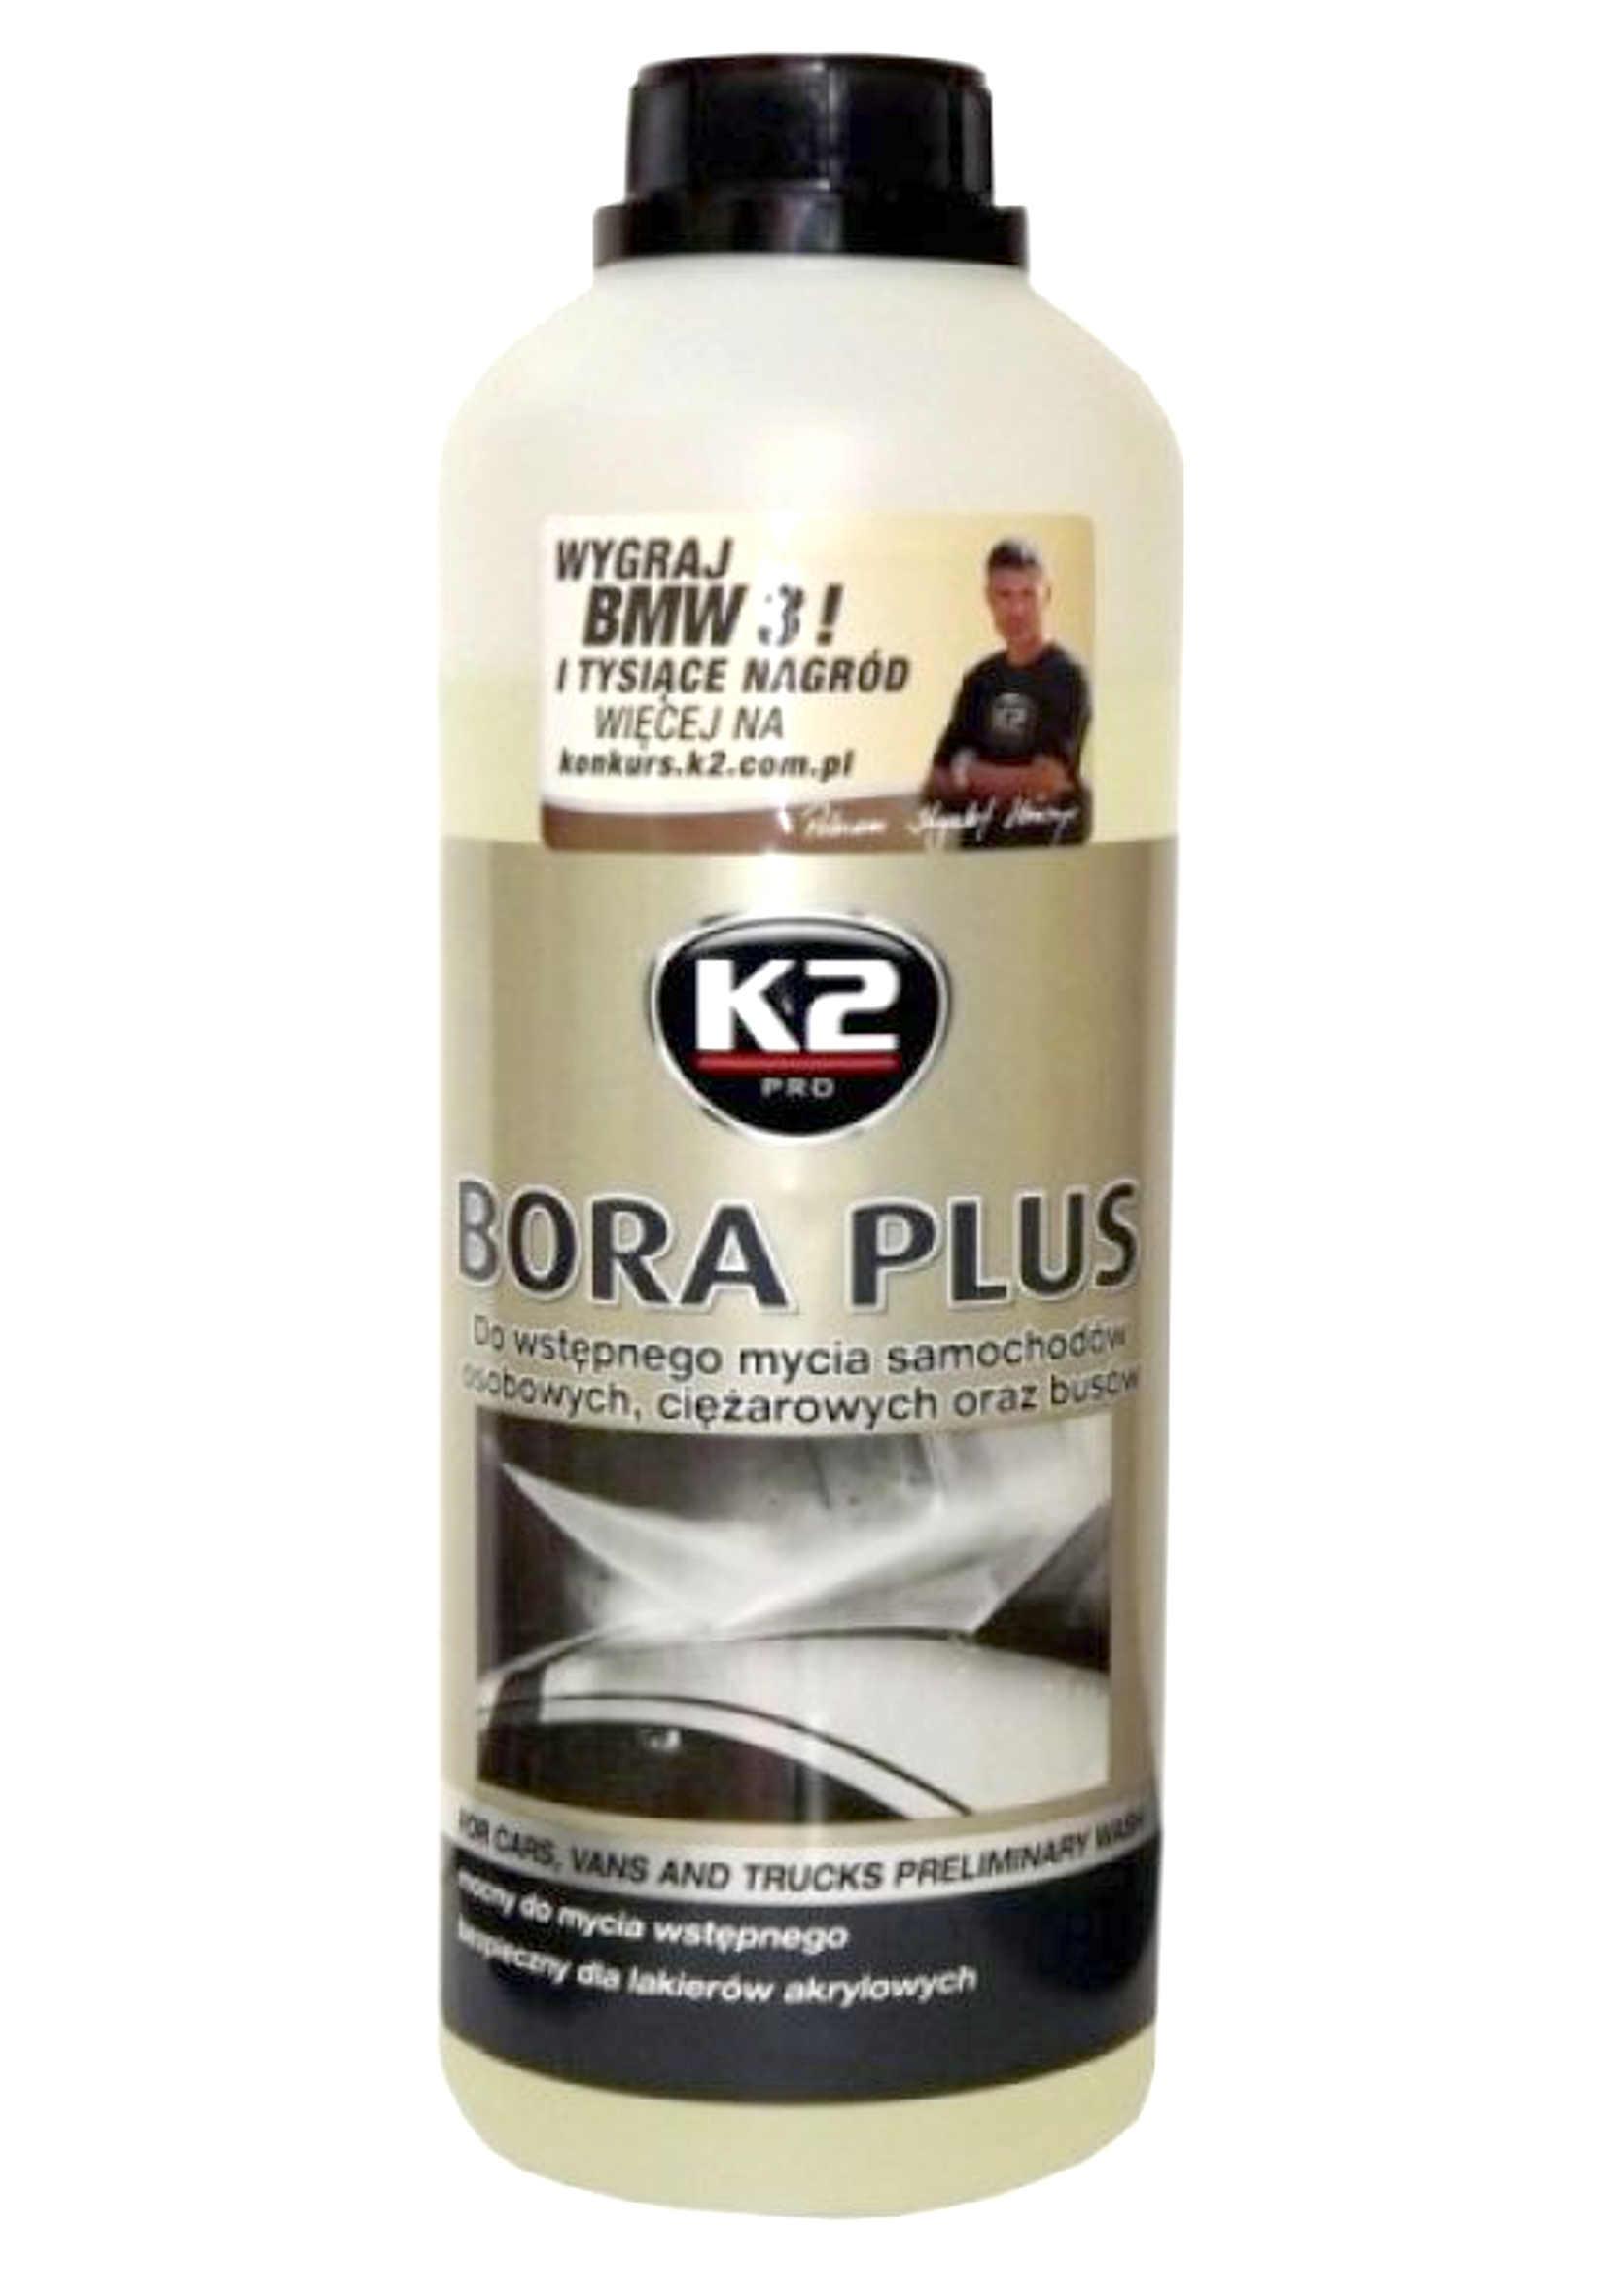 K2 Bora Plus 1kg Piana aktywna do mycia wstępnego